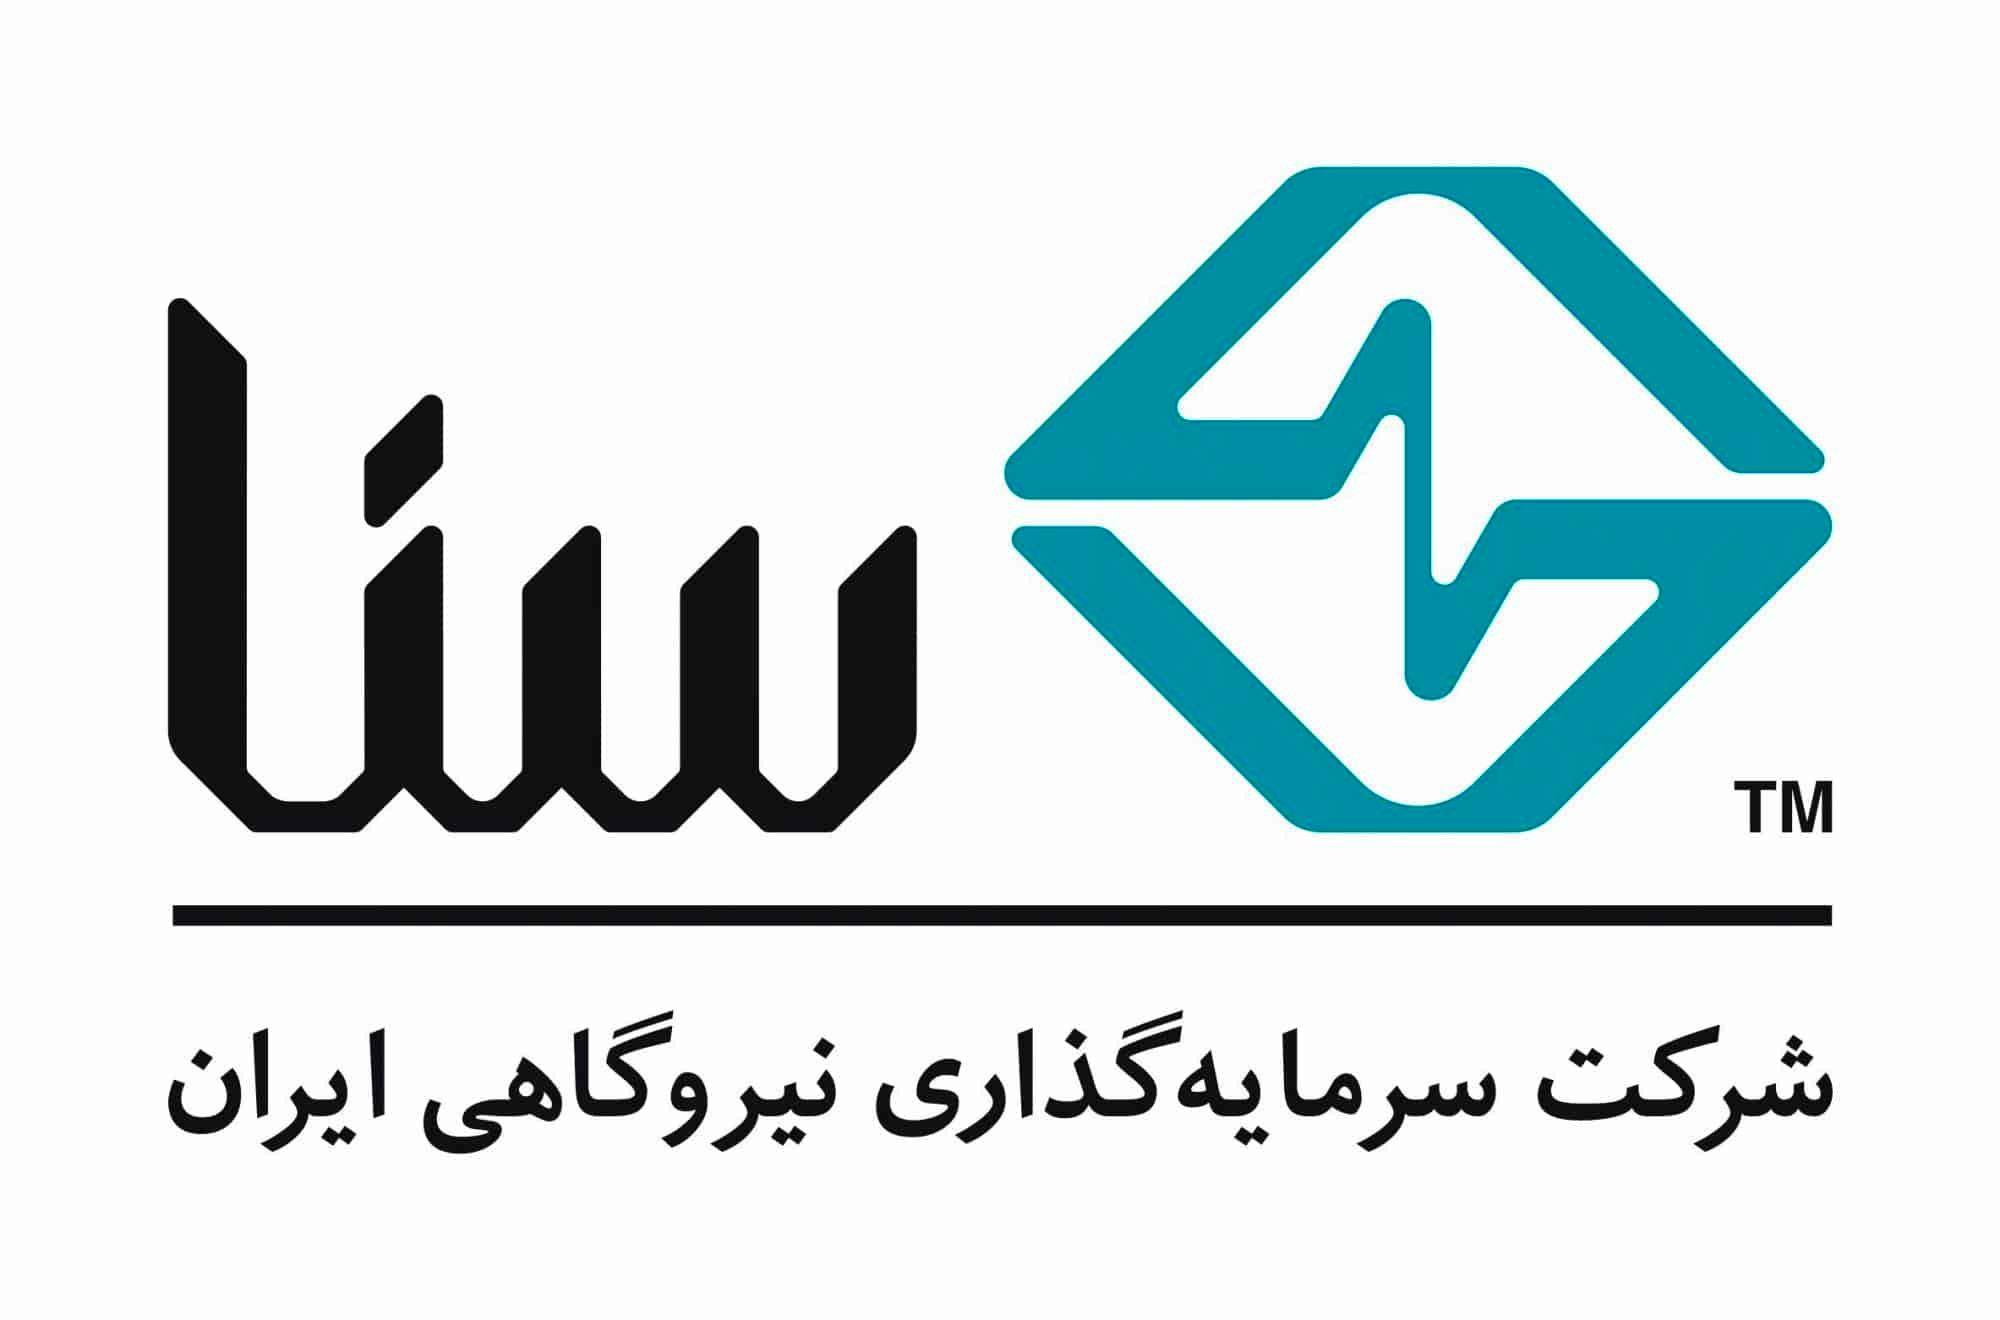 سرمایه گذاری نیروگاهی ایران